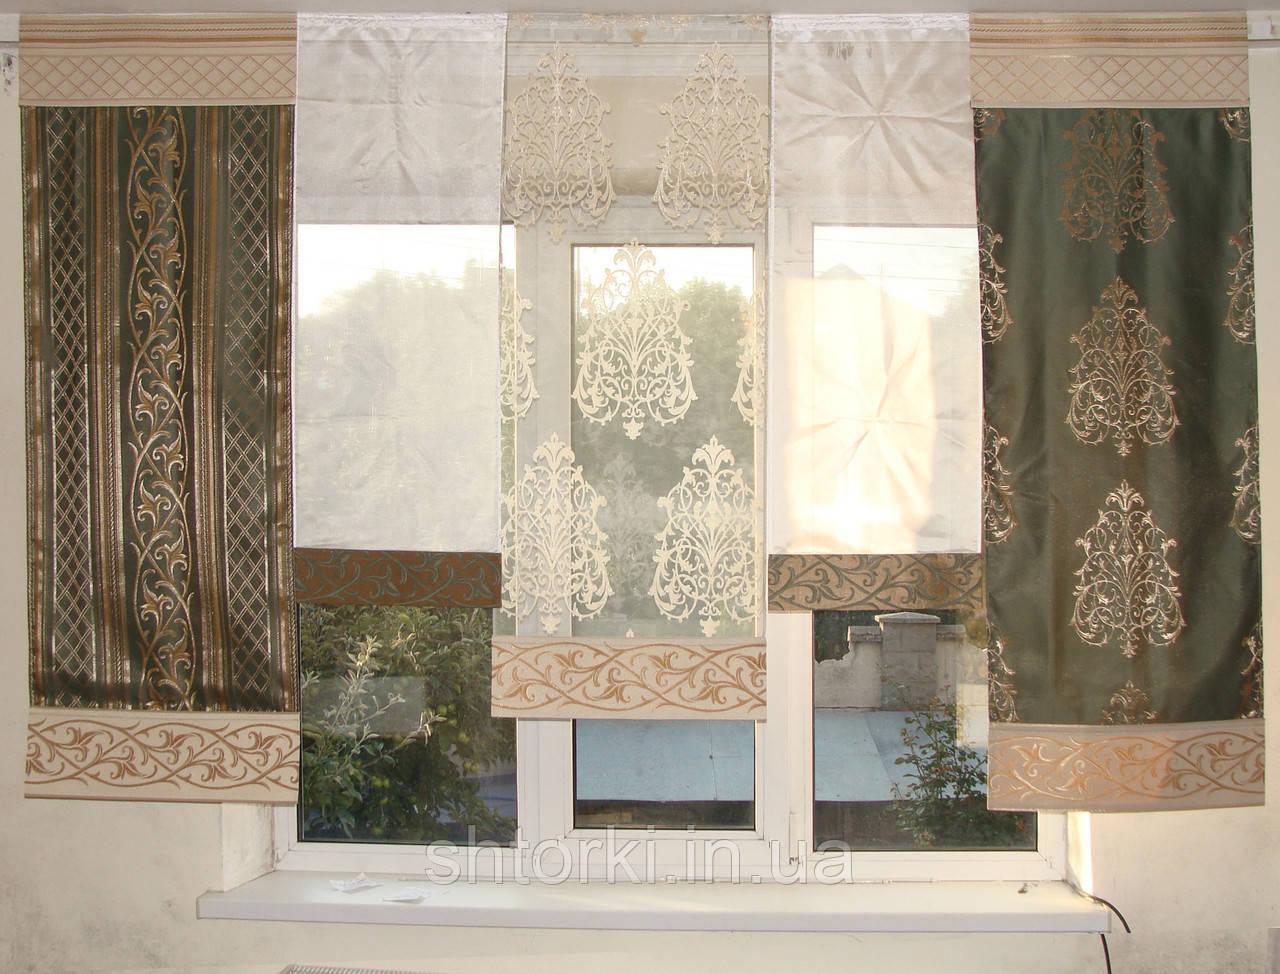 Комплект панельных шторок короны зеленые, 2м